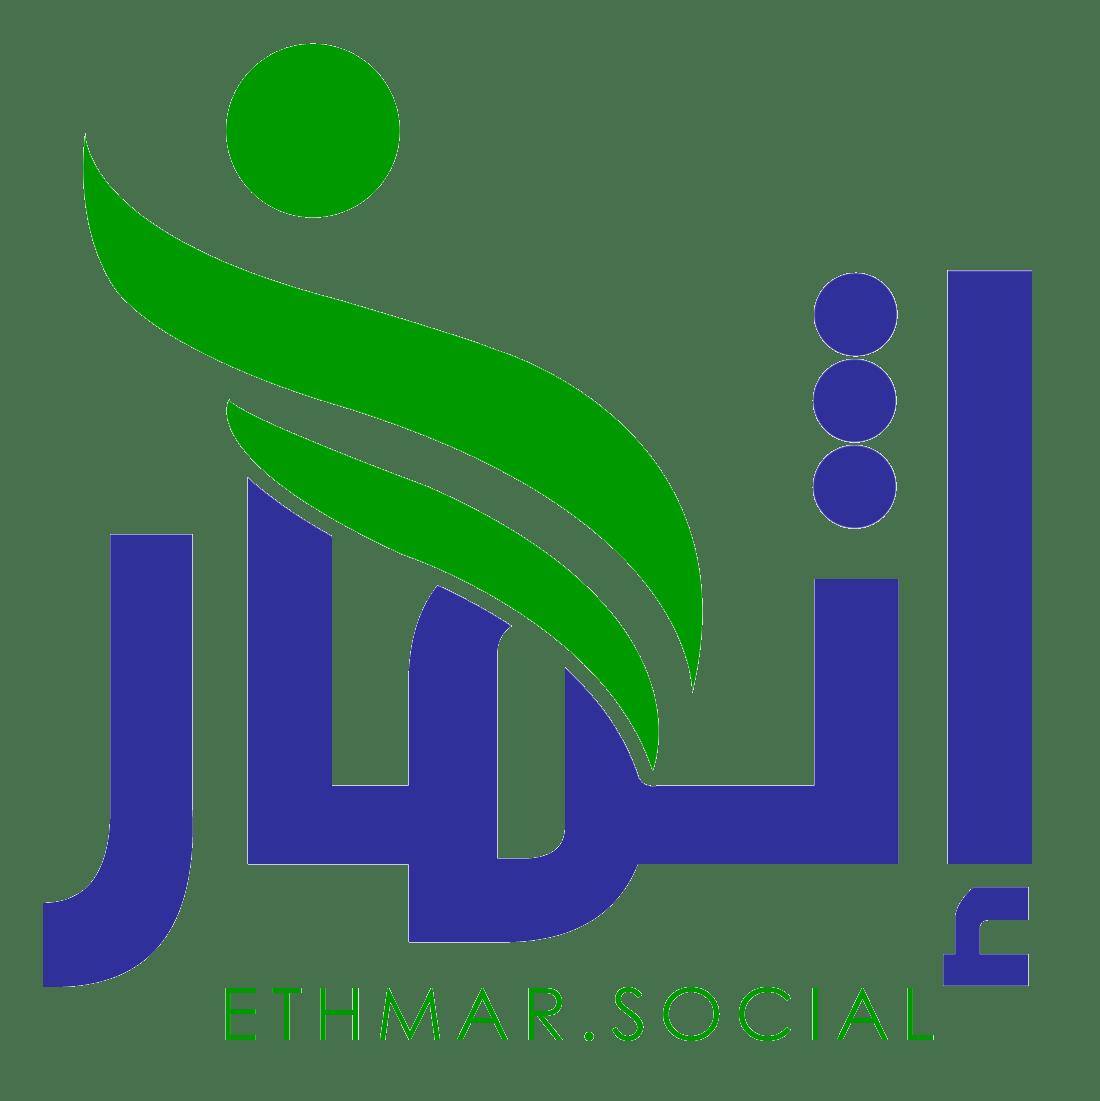 ethmar-logo